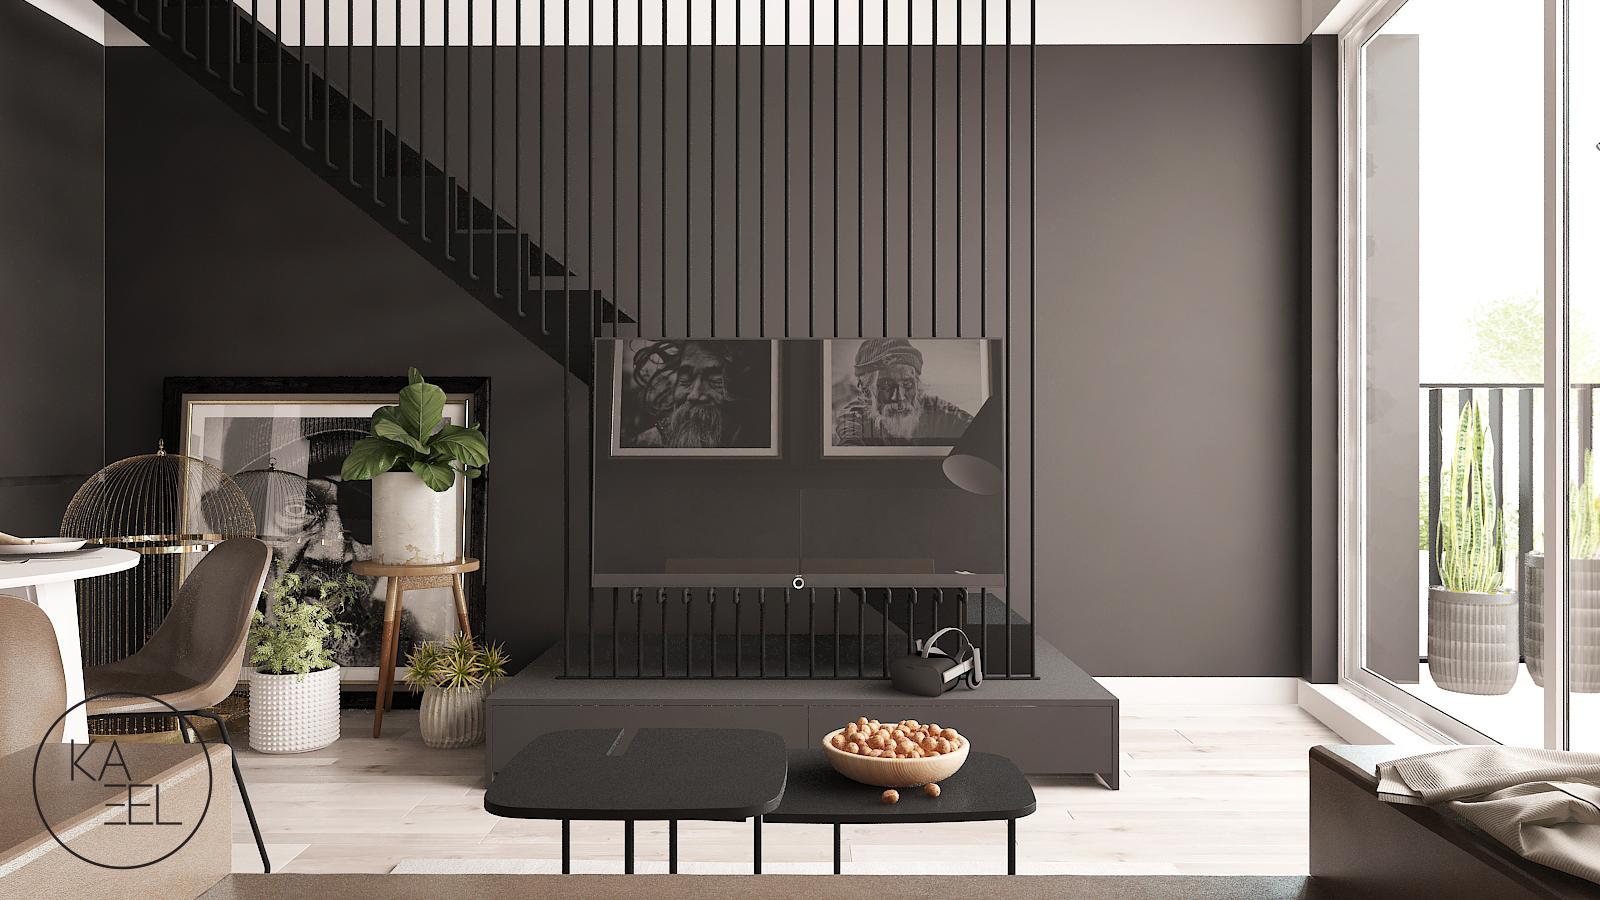 Salon ze schodami w mieszkaniu